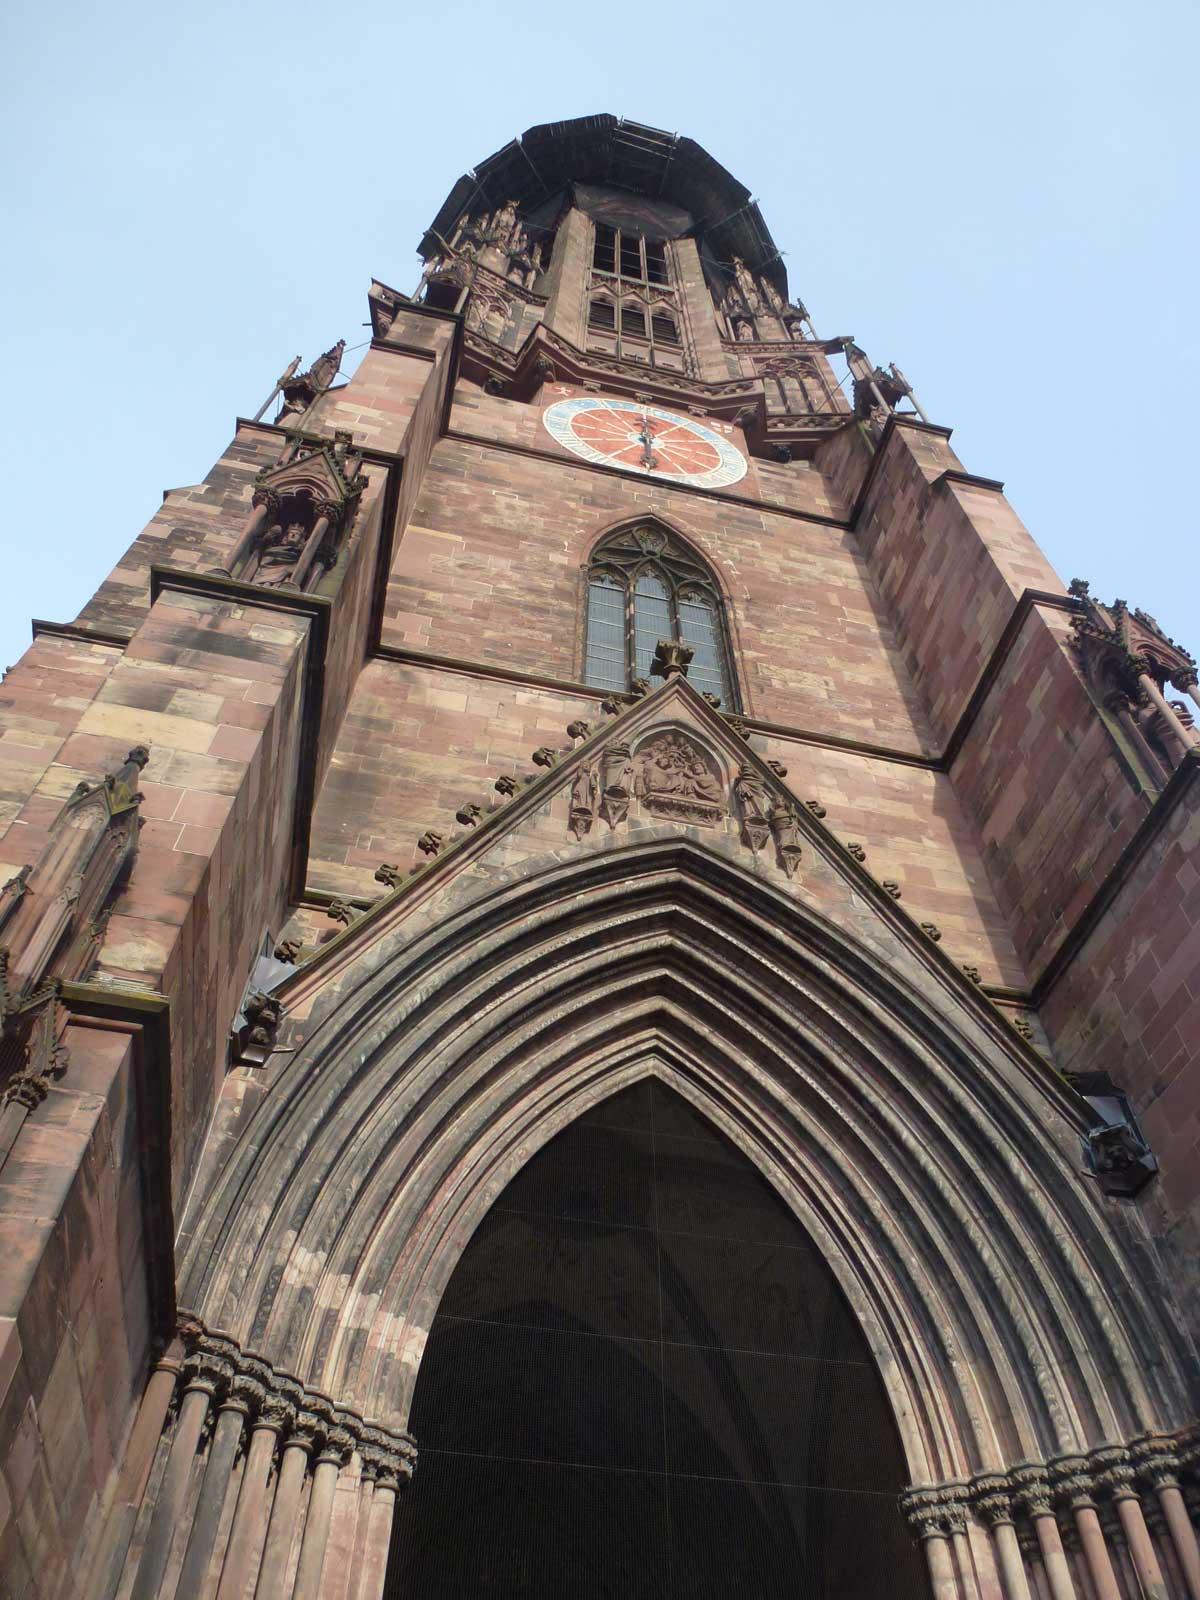 Das massige Portal des Freiburger Münsters